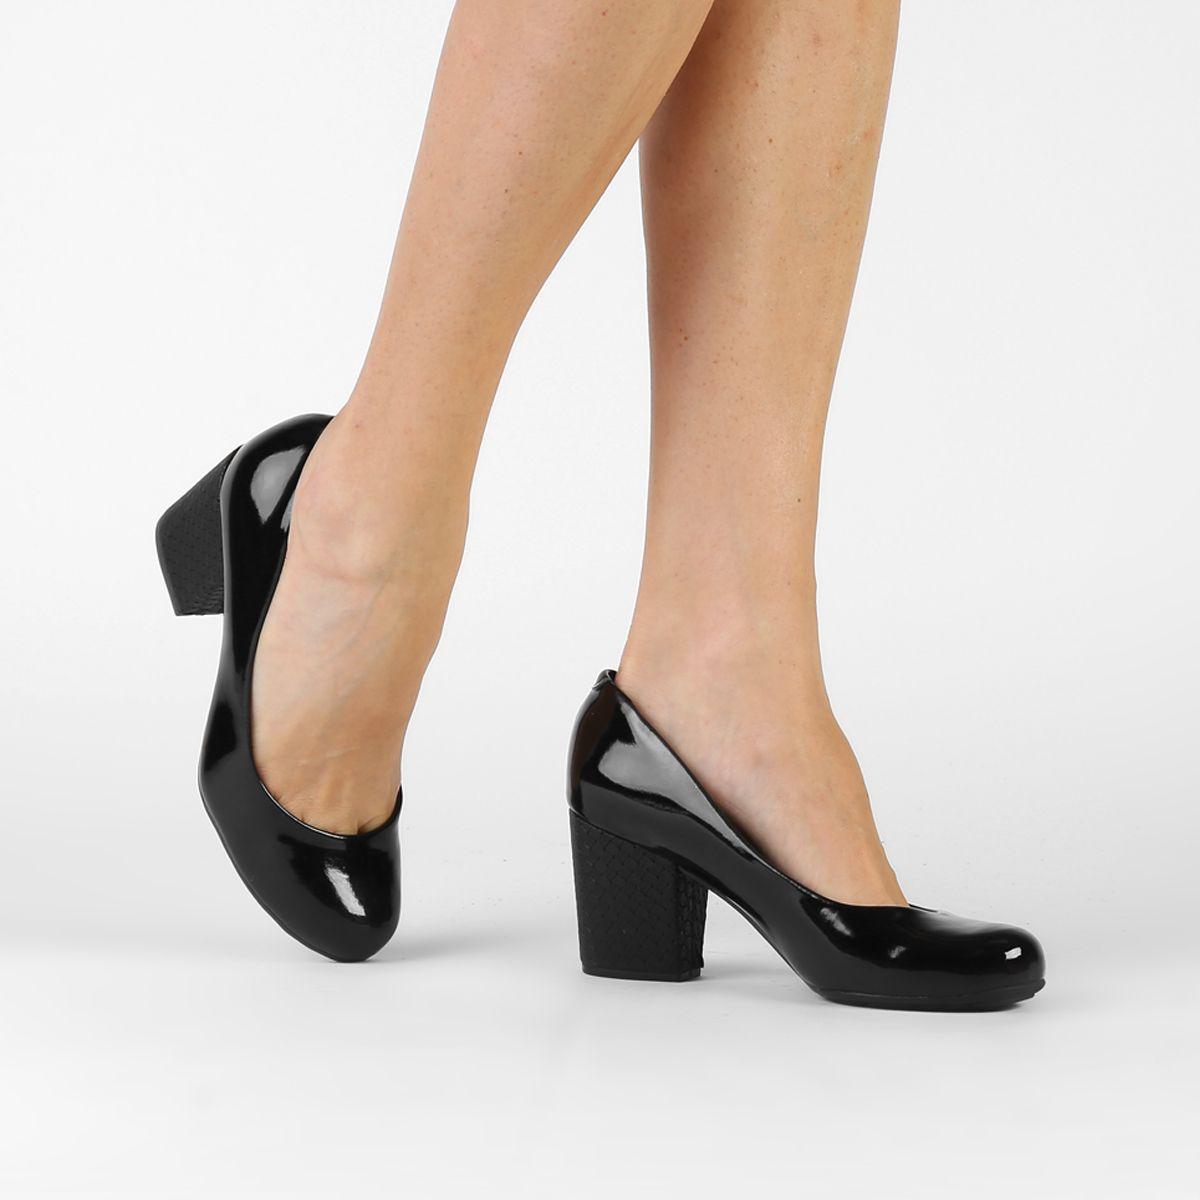 02d40ad285 Compre Scarpin Moleca Salto Grosso Preto na Zattini a nova loja de moda  online da Netshoes. Encontre Sapatos